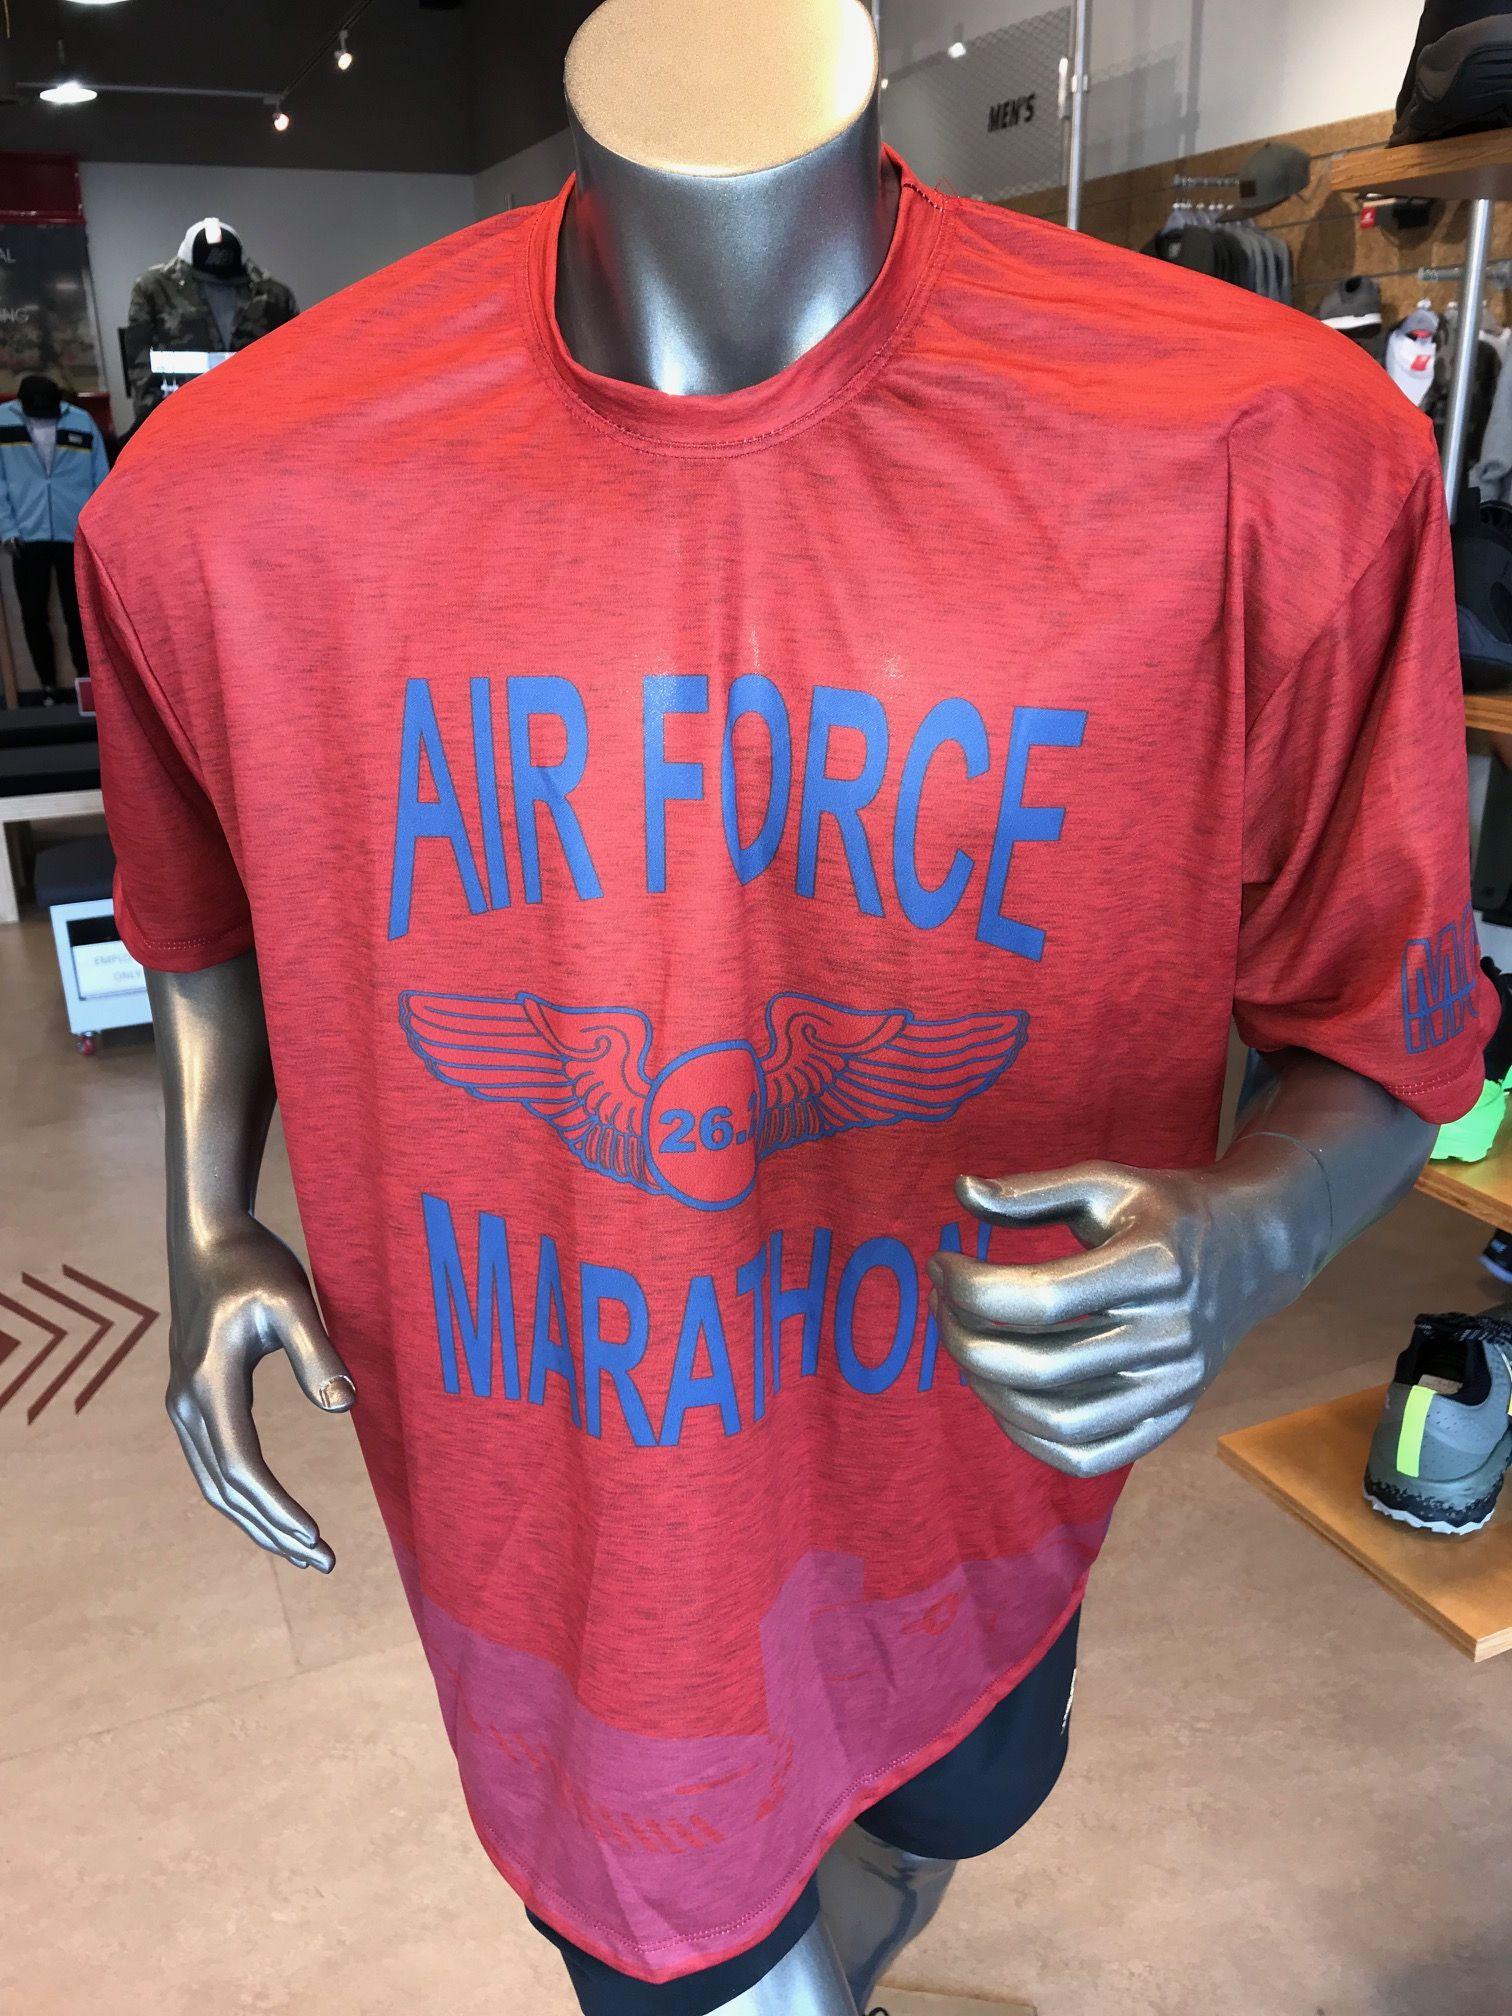 2018 Air Force Marathon full marathon shirt. 2018 Air